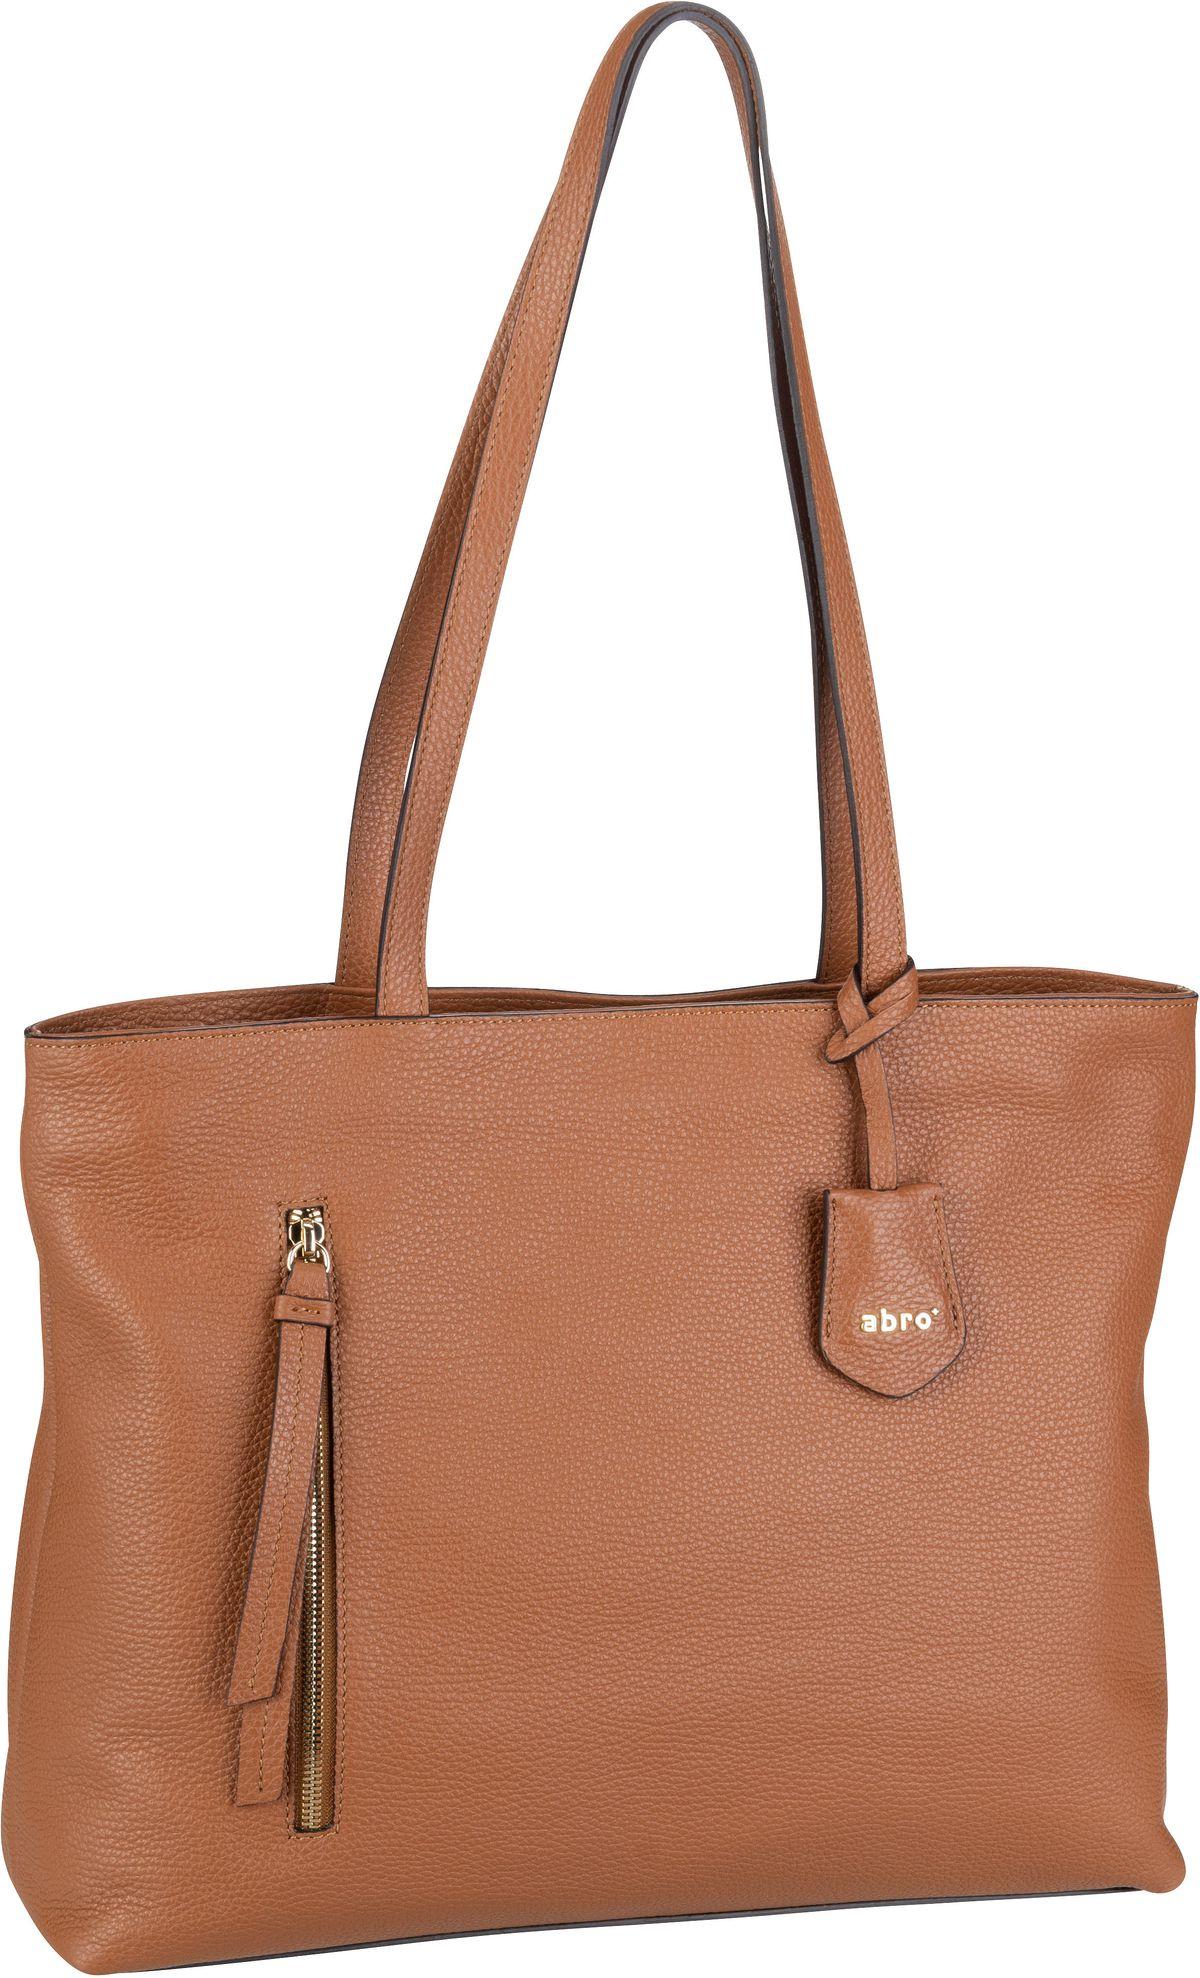 Handtasche Juna 29164 Cognac